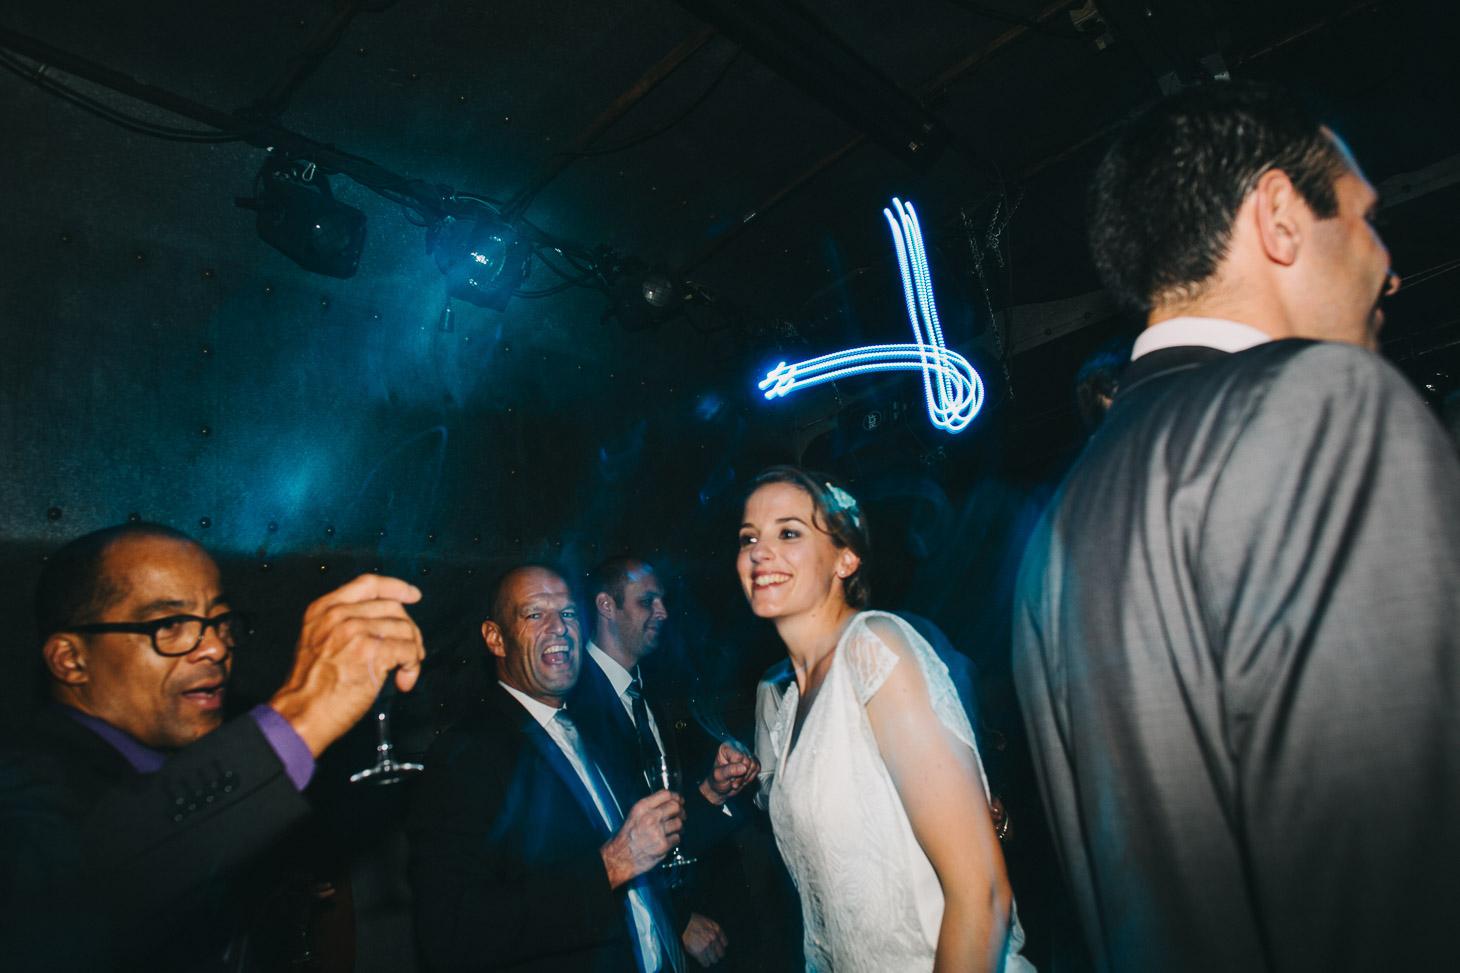 mariage_baleine_blanche_paris-12